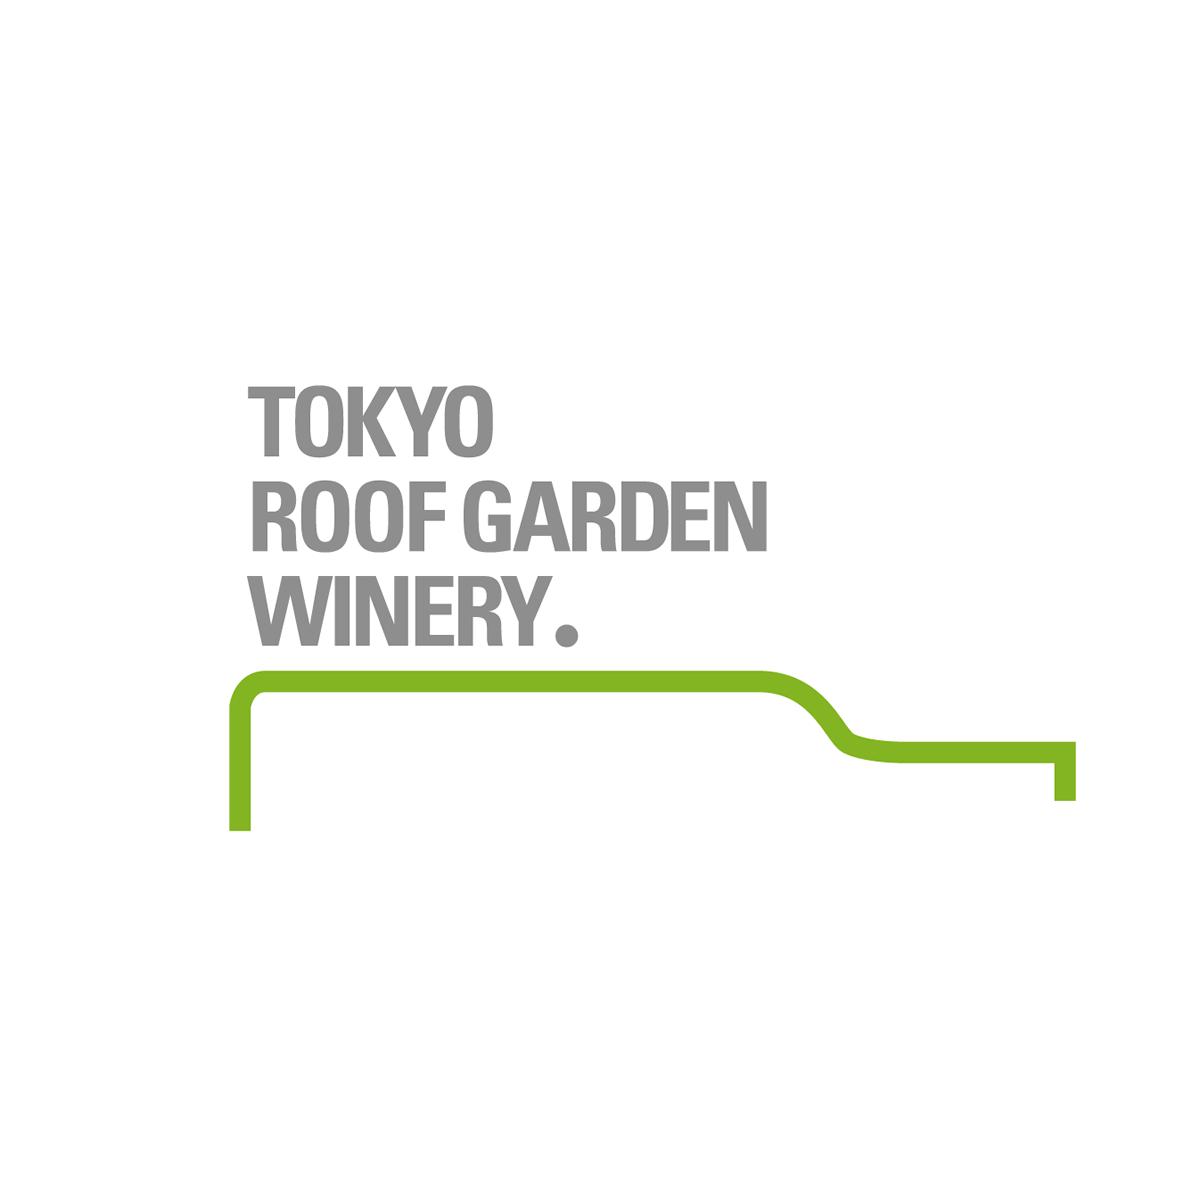 ウェルズ新木場|Tokyo Roof Garden Winery 東京屋上ワイナリー計画|Identity VI logo ロゴデザイン|東京都千代田区